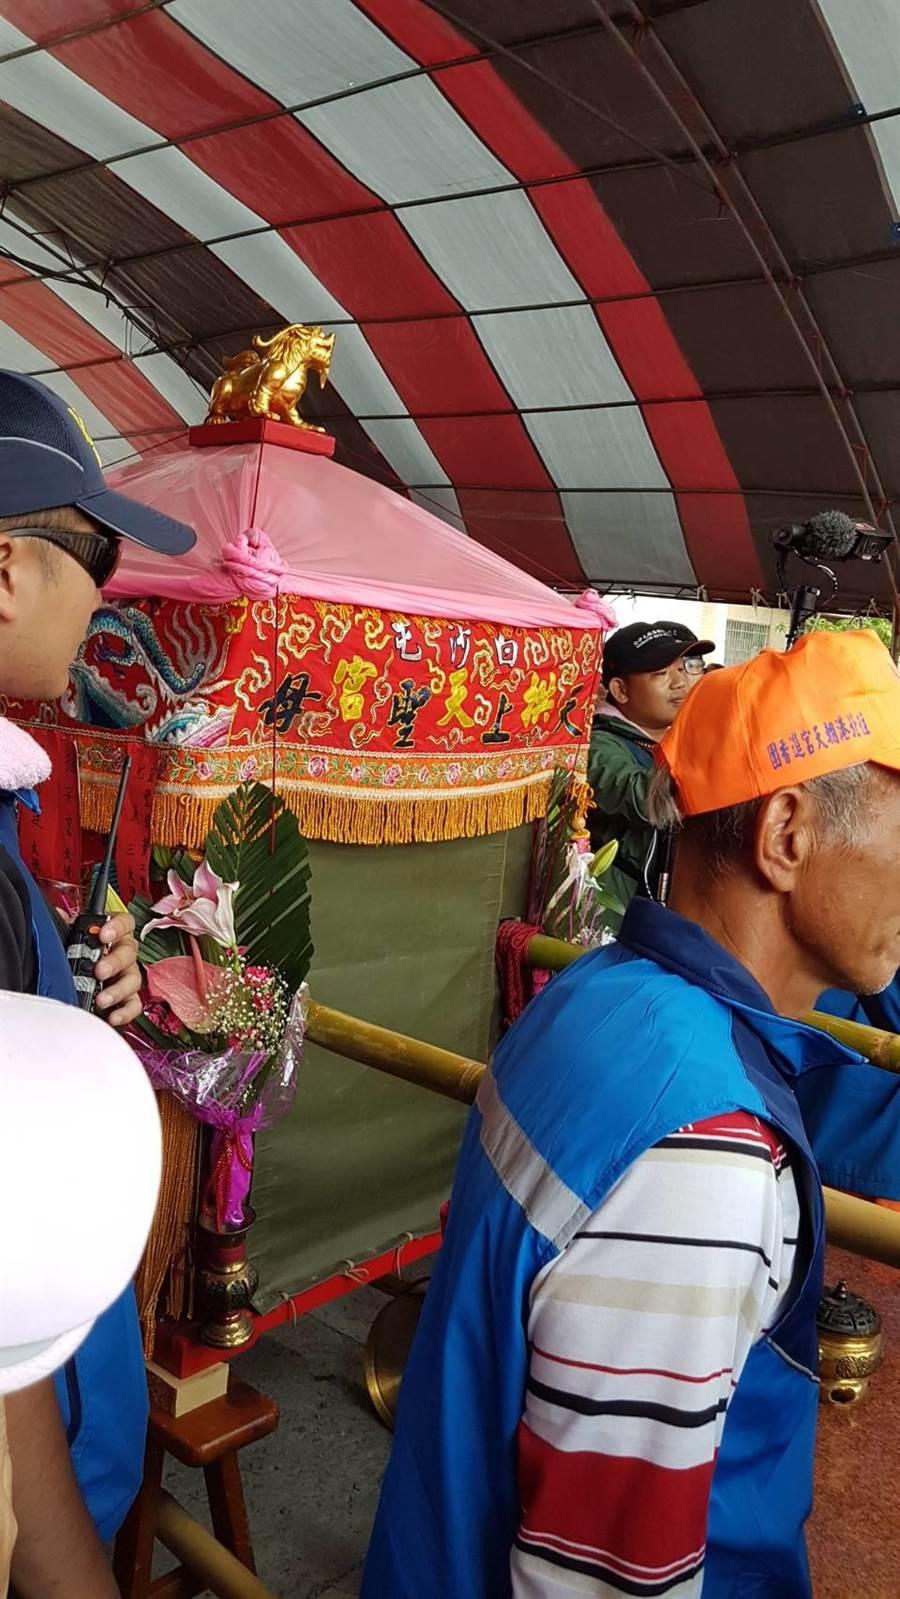 白沙屯媽祖11日從北港進香後,鑾轎一直用綠色帆布蓋住,鑽研媽祖文化的專家表示,是為將北港進香取得的靈力帶回白沙屯。(徐秀娥攝)